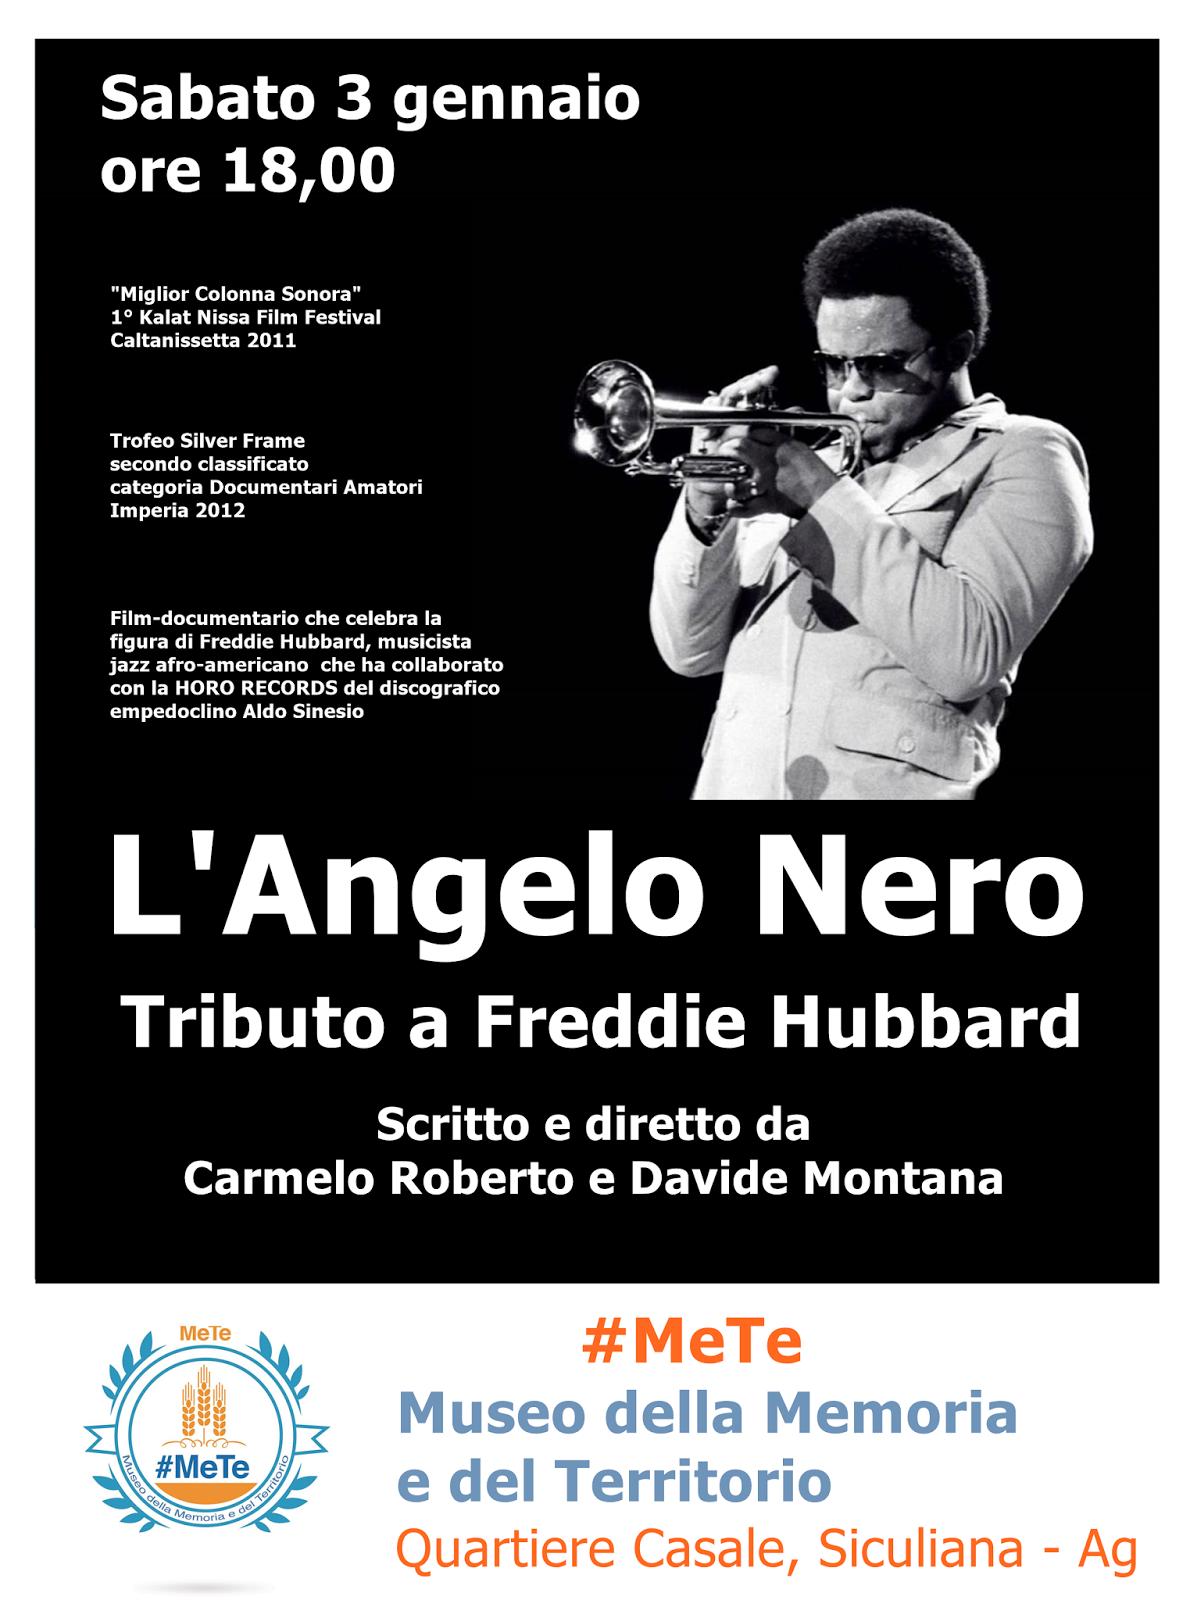 Freddie Hubbard, Cortometraggio Museo #MeTe, Siculiana